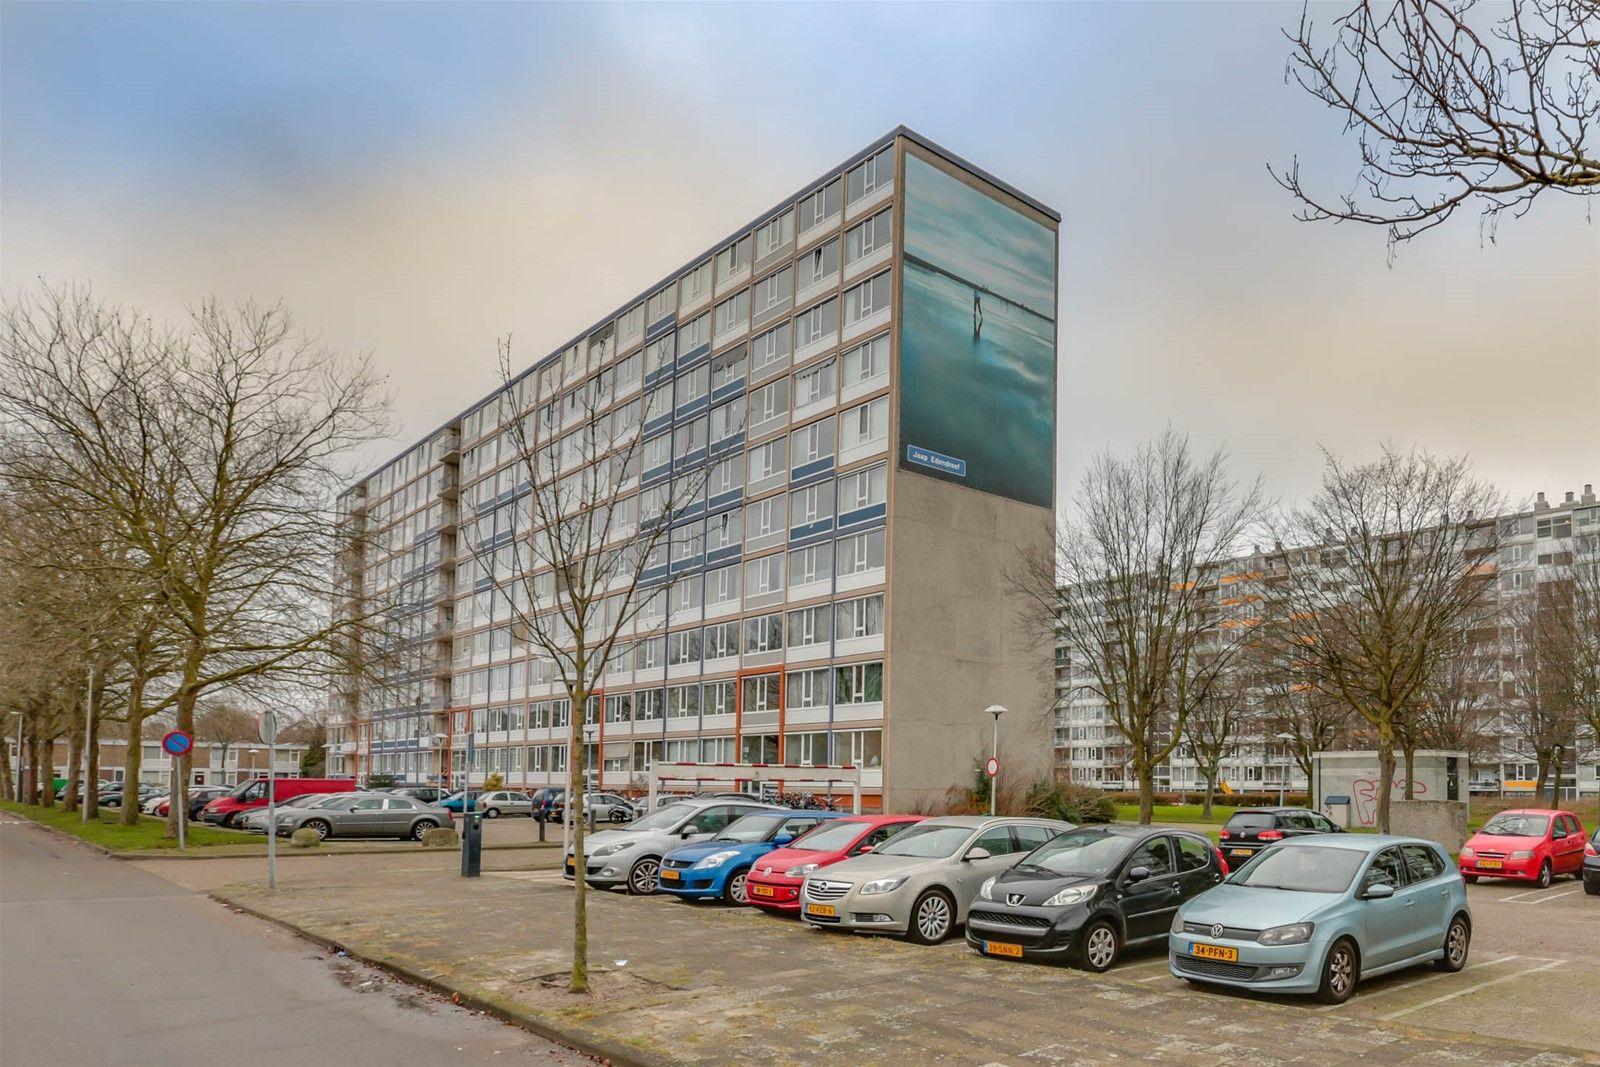 Jaap Edendreef 106, Utrecht